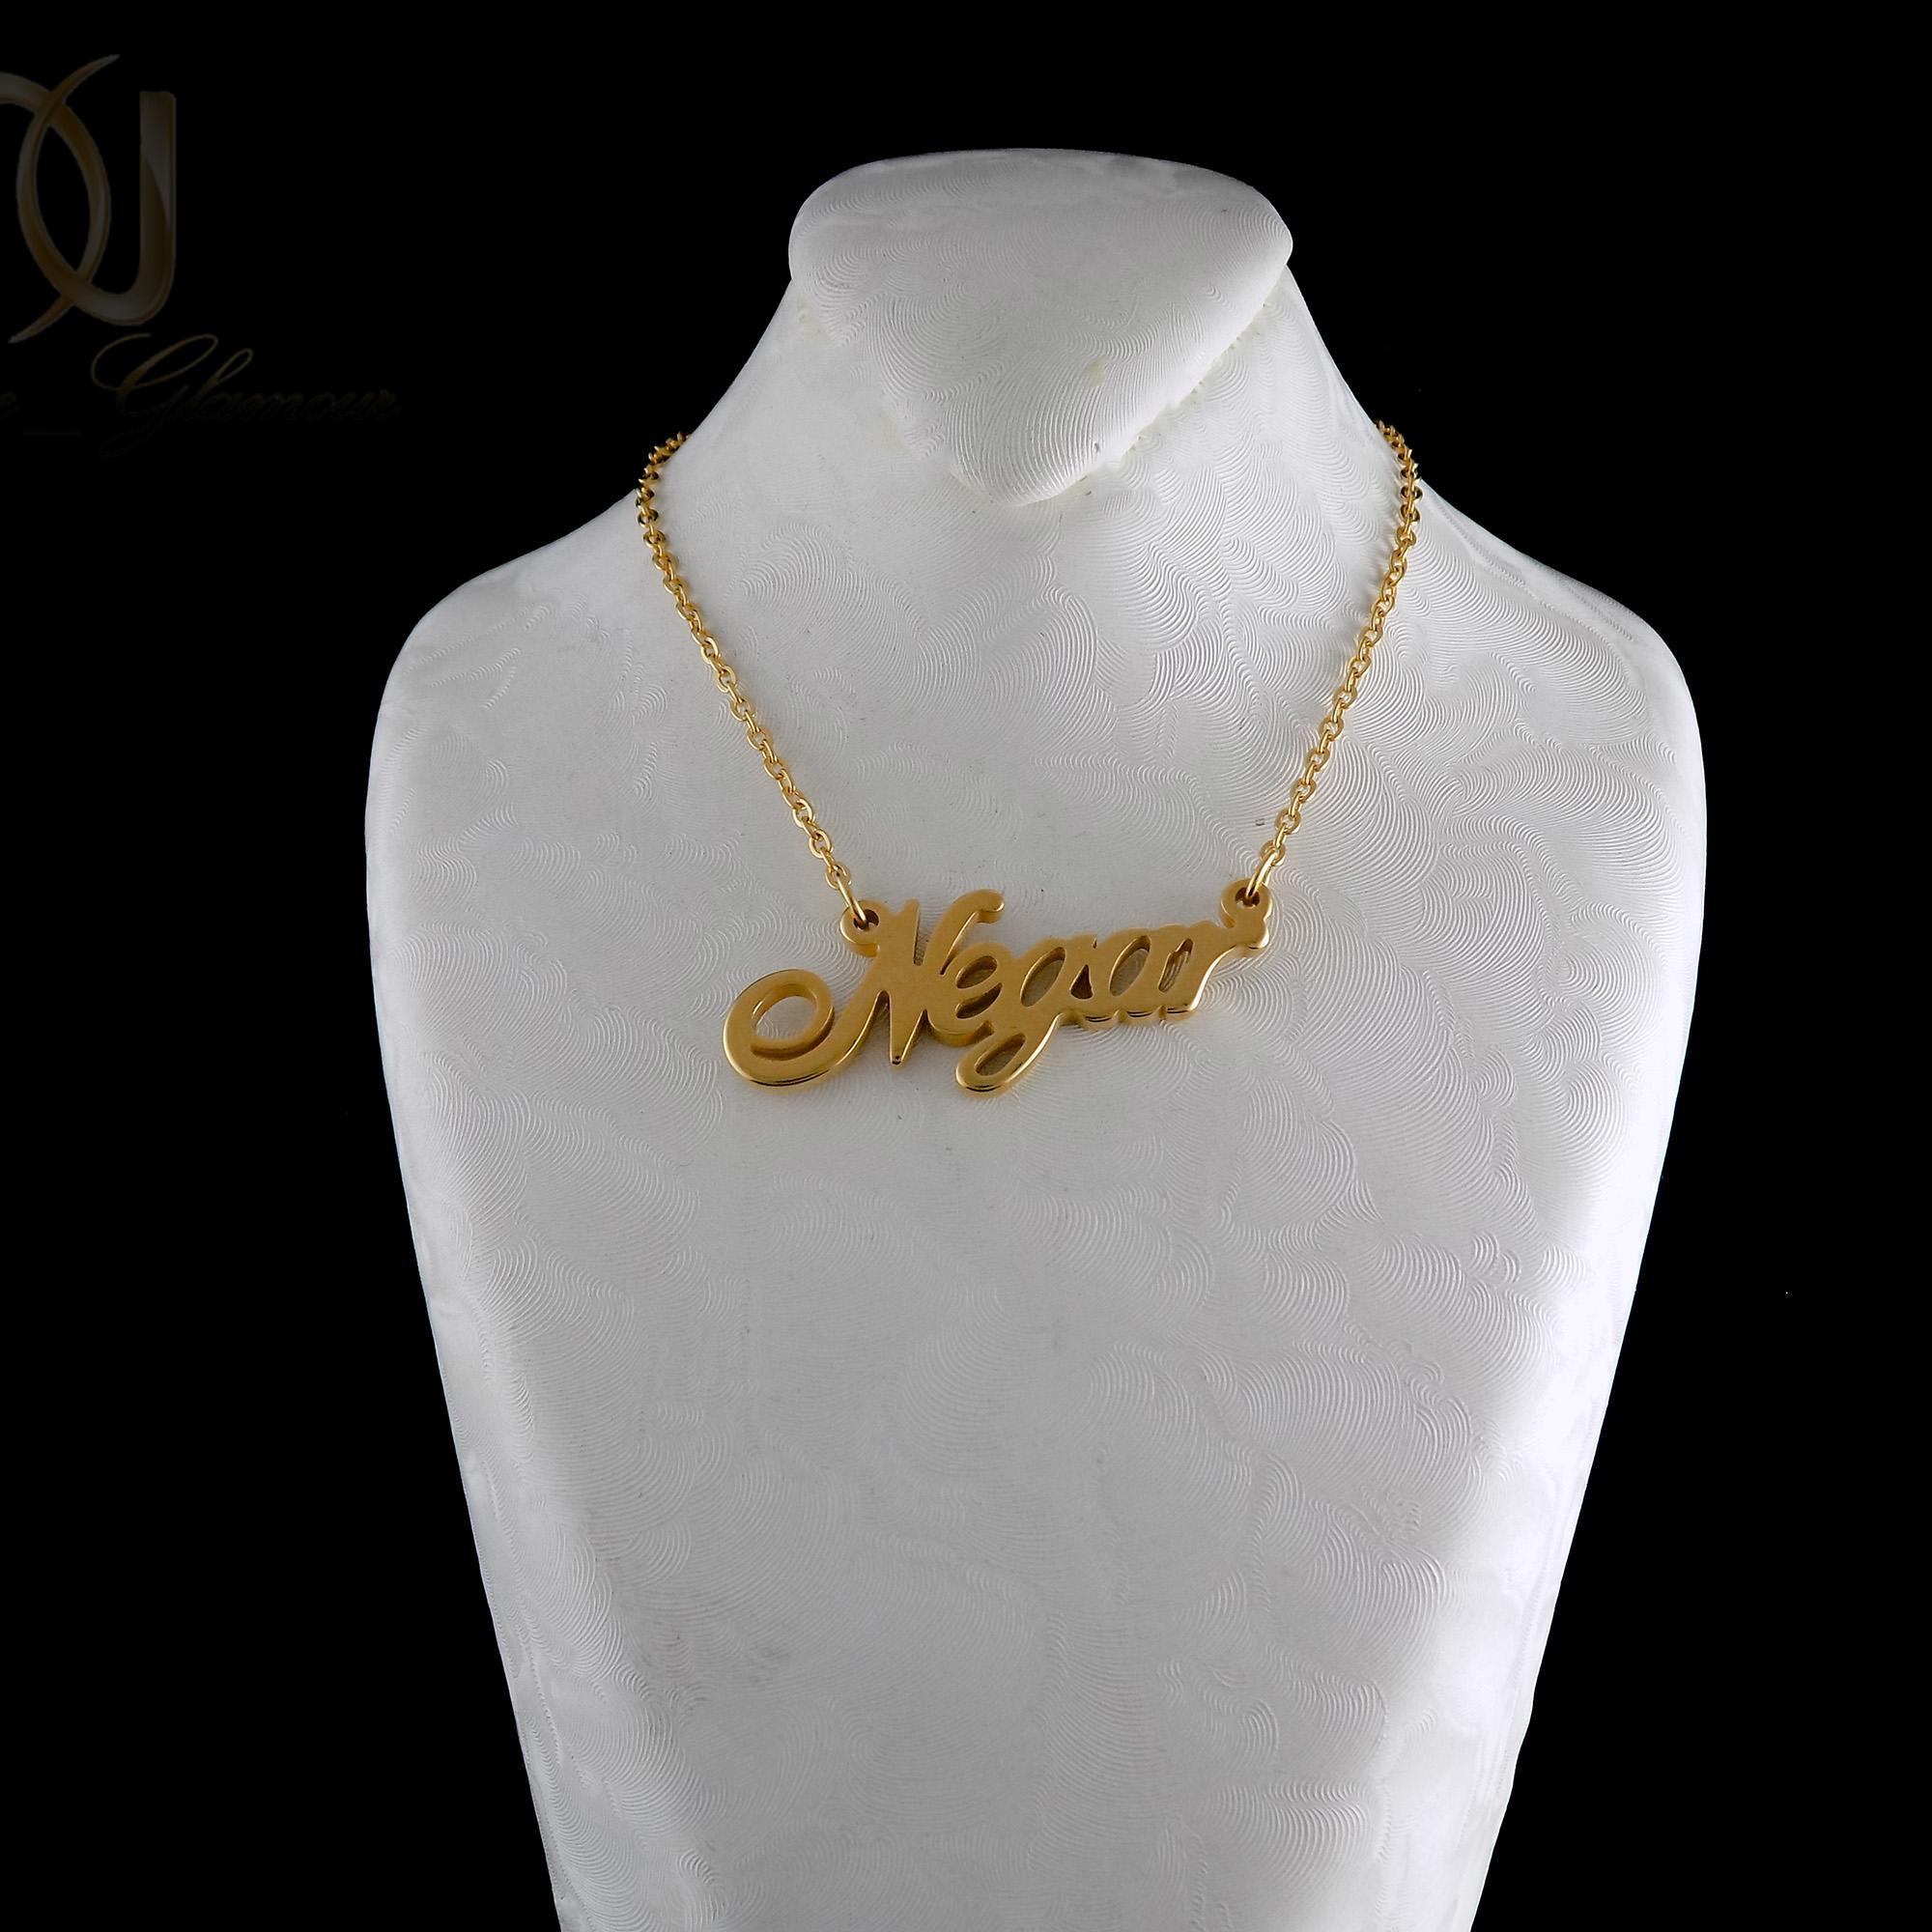 گردنبند اسم نگار لاتین استیل طلایی nw-n486 از نمای مشکی